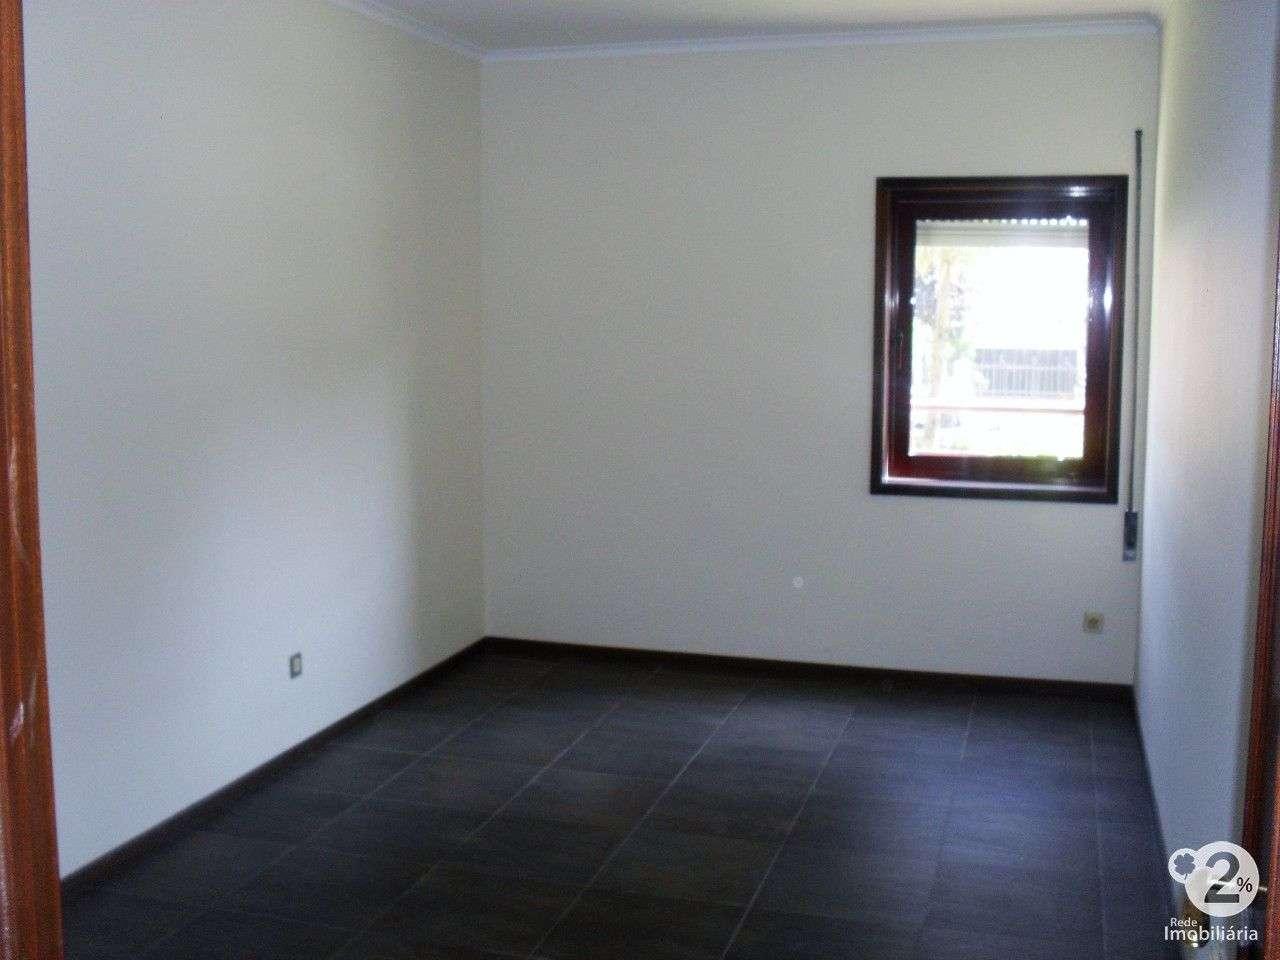 Apartamento para comprar, Águas Santas, Porto - Foto 16